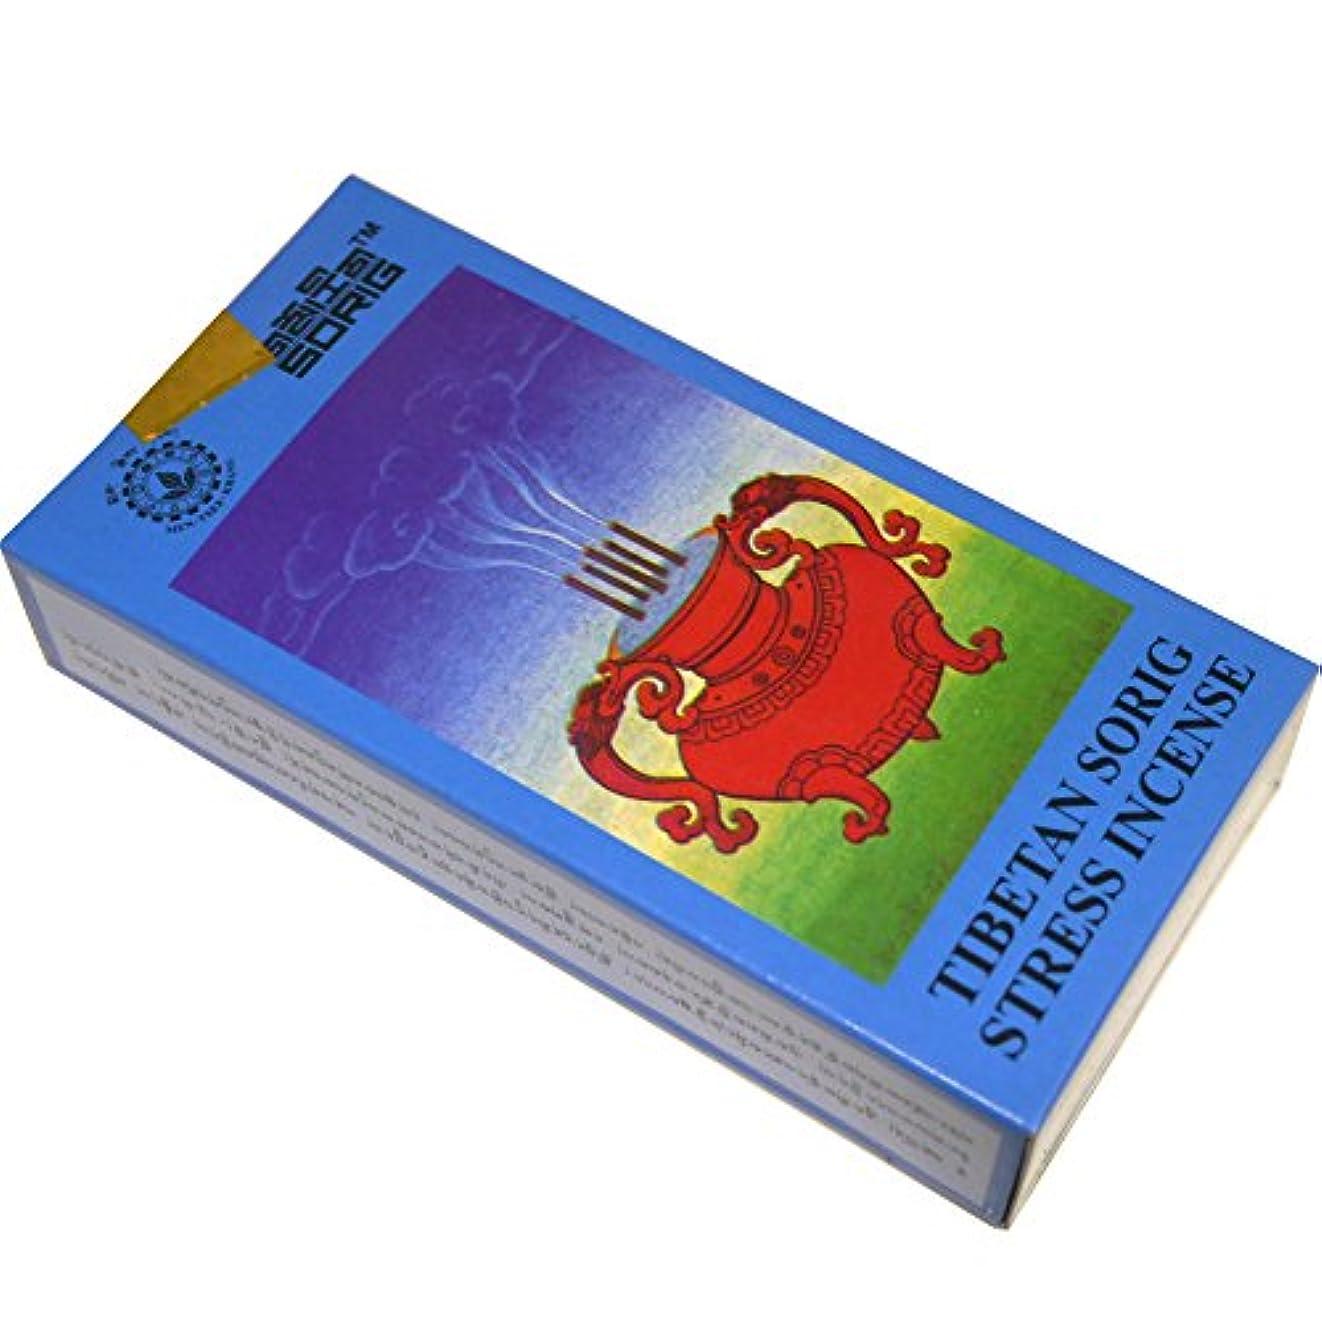 凍ったクロール公使館メンツィーカン チベット医学暦法研究所メンツィーカンのお香【TIBETAN SORIG STRESS INCENSEソリグストレス】